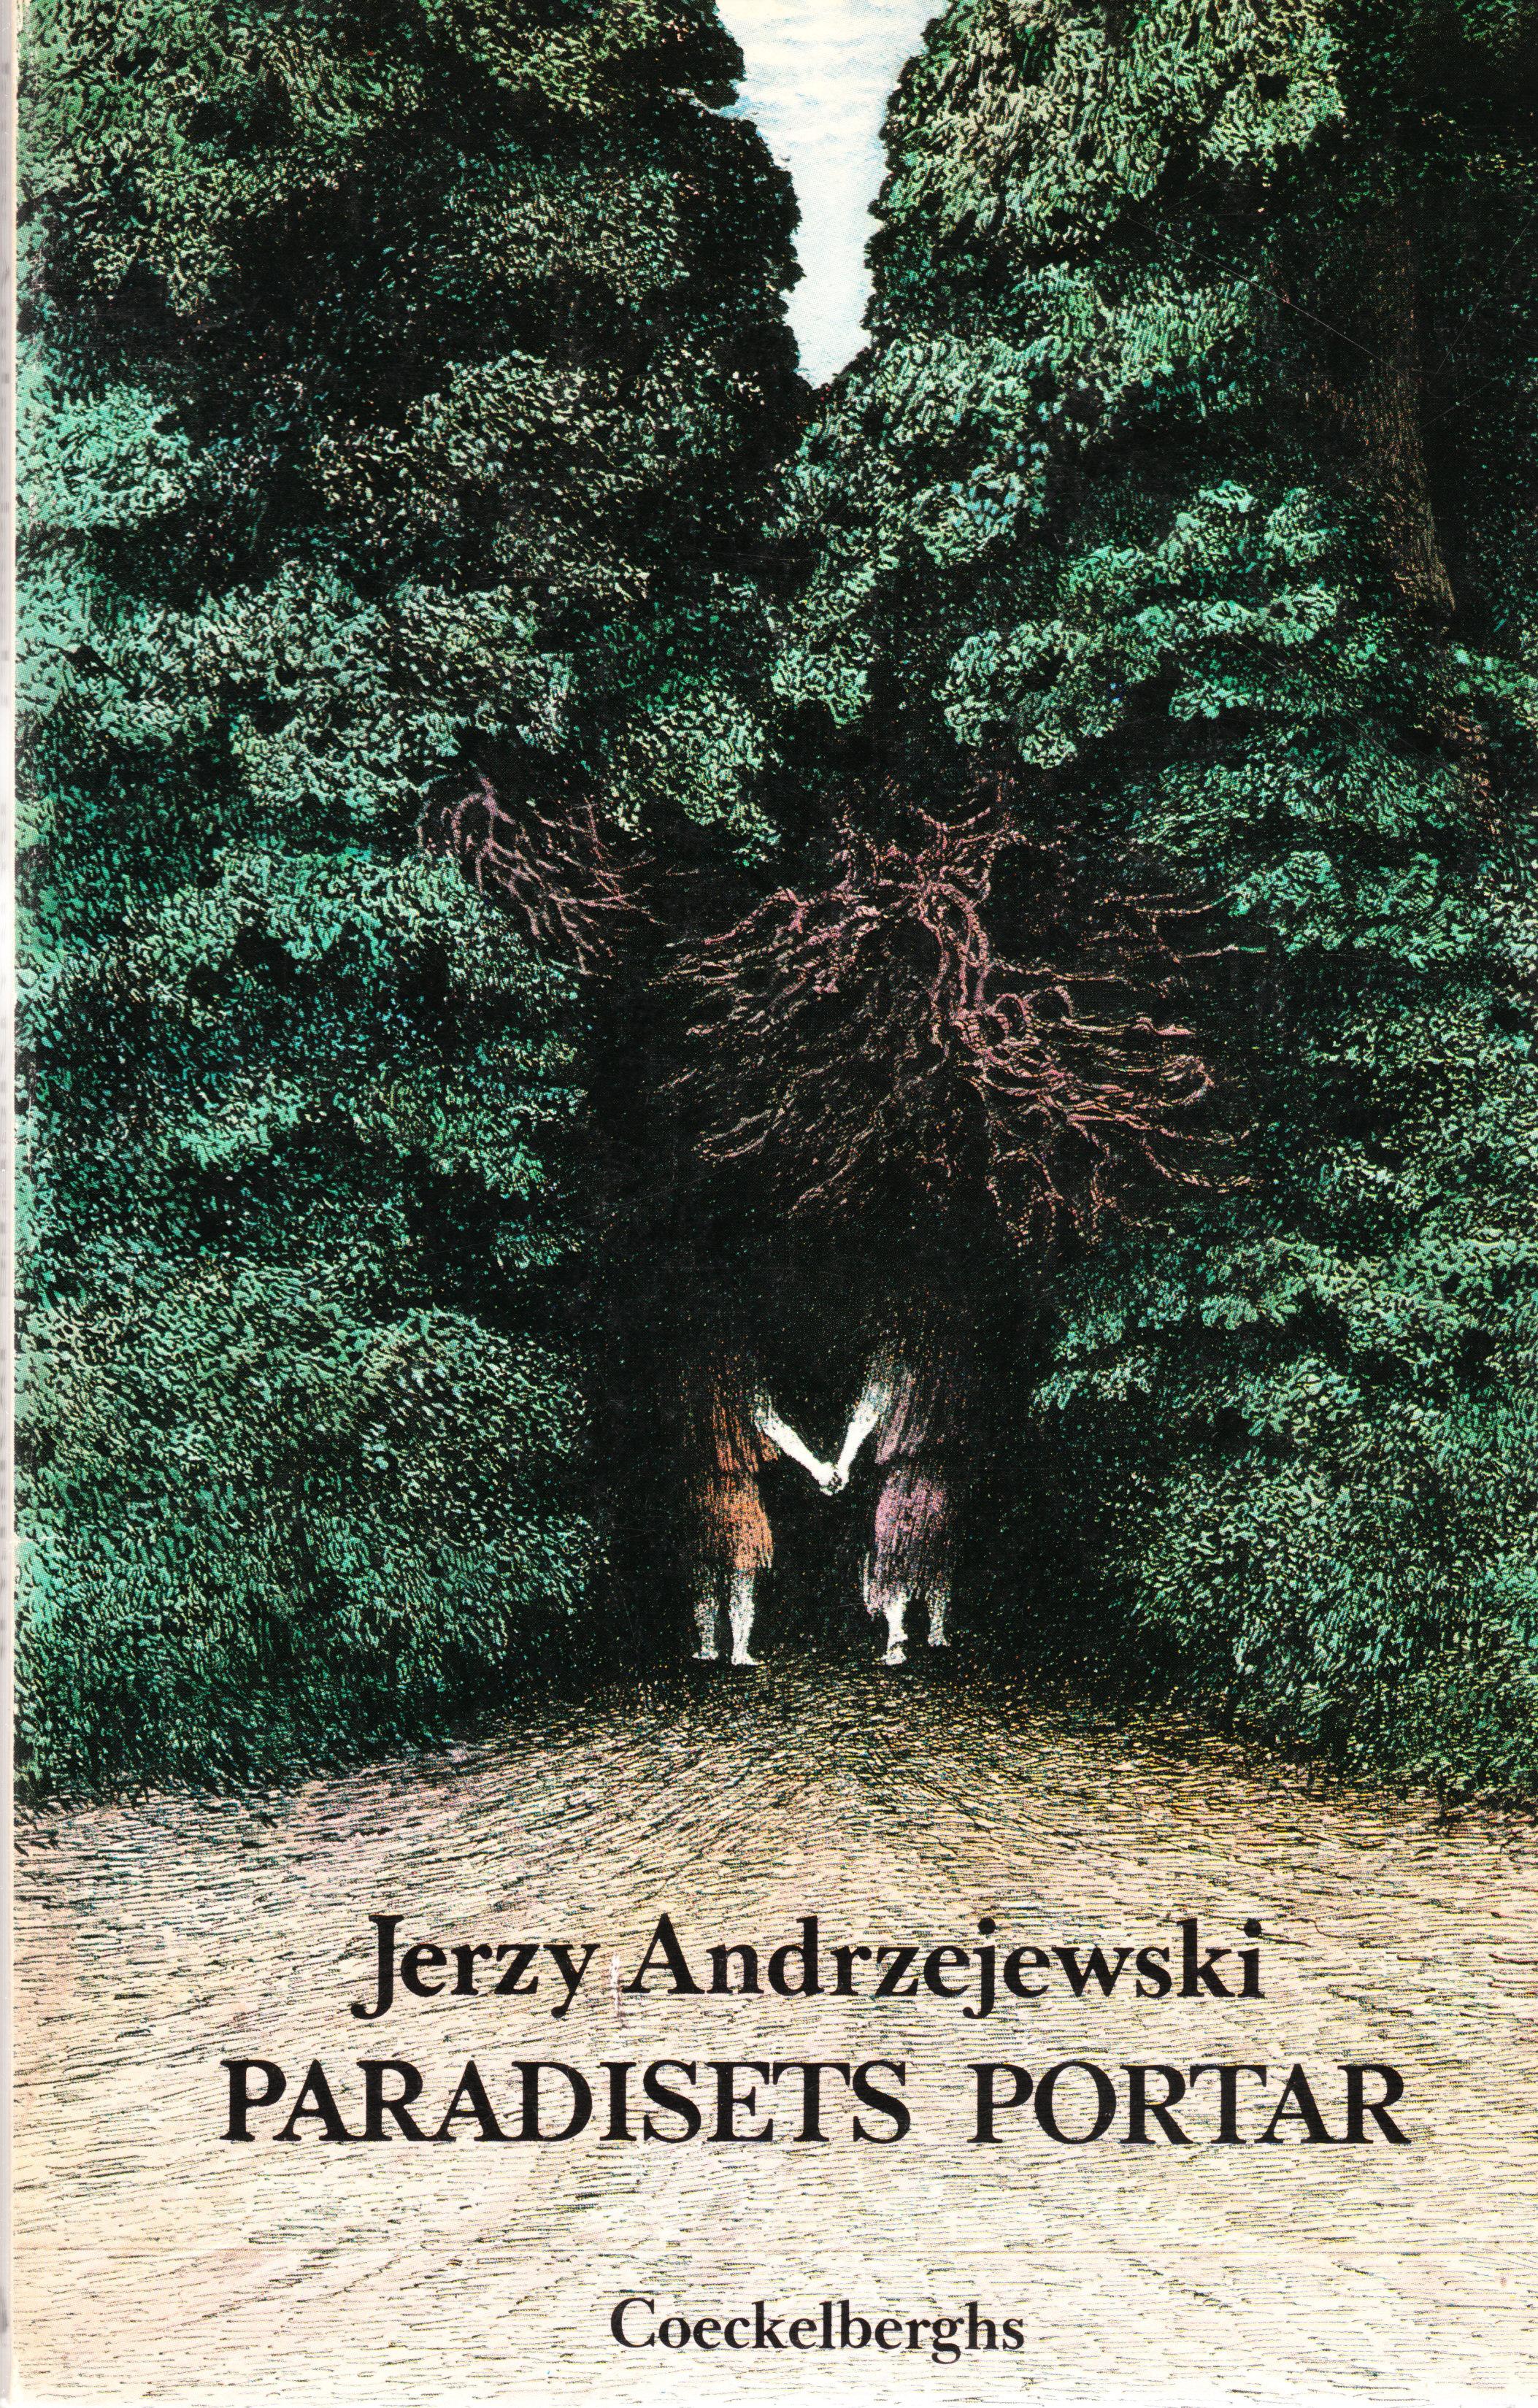 Paradisets portar  by  Jerzy Andrzejewski